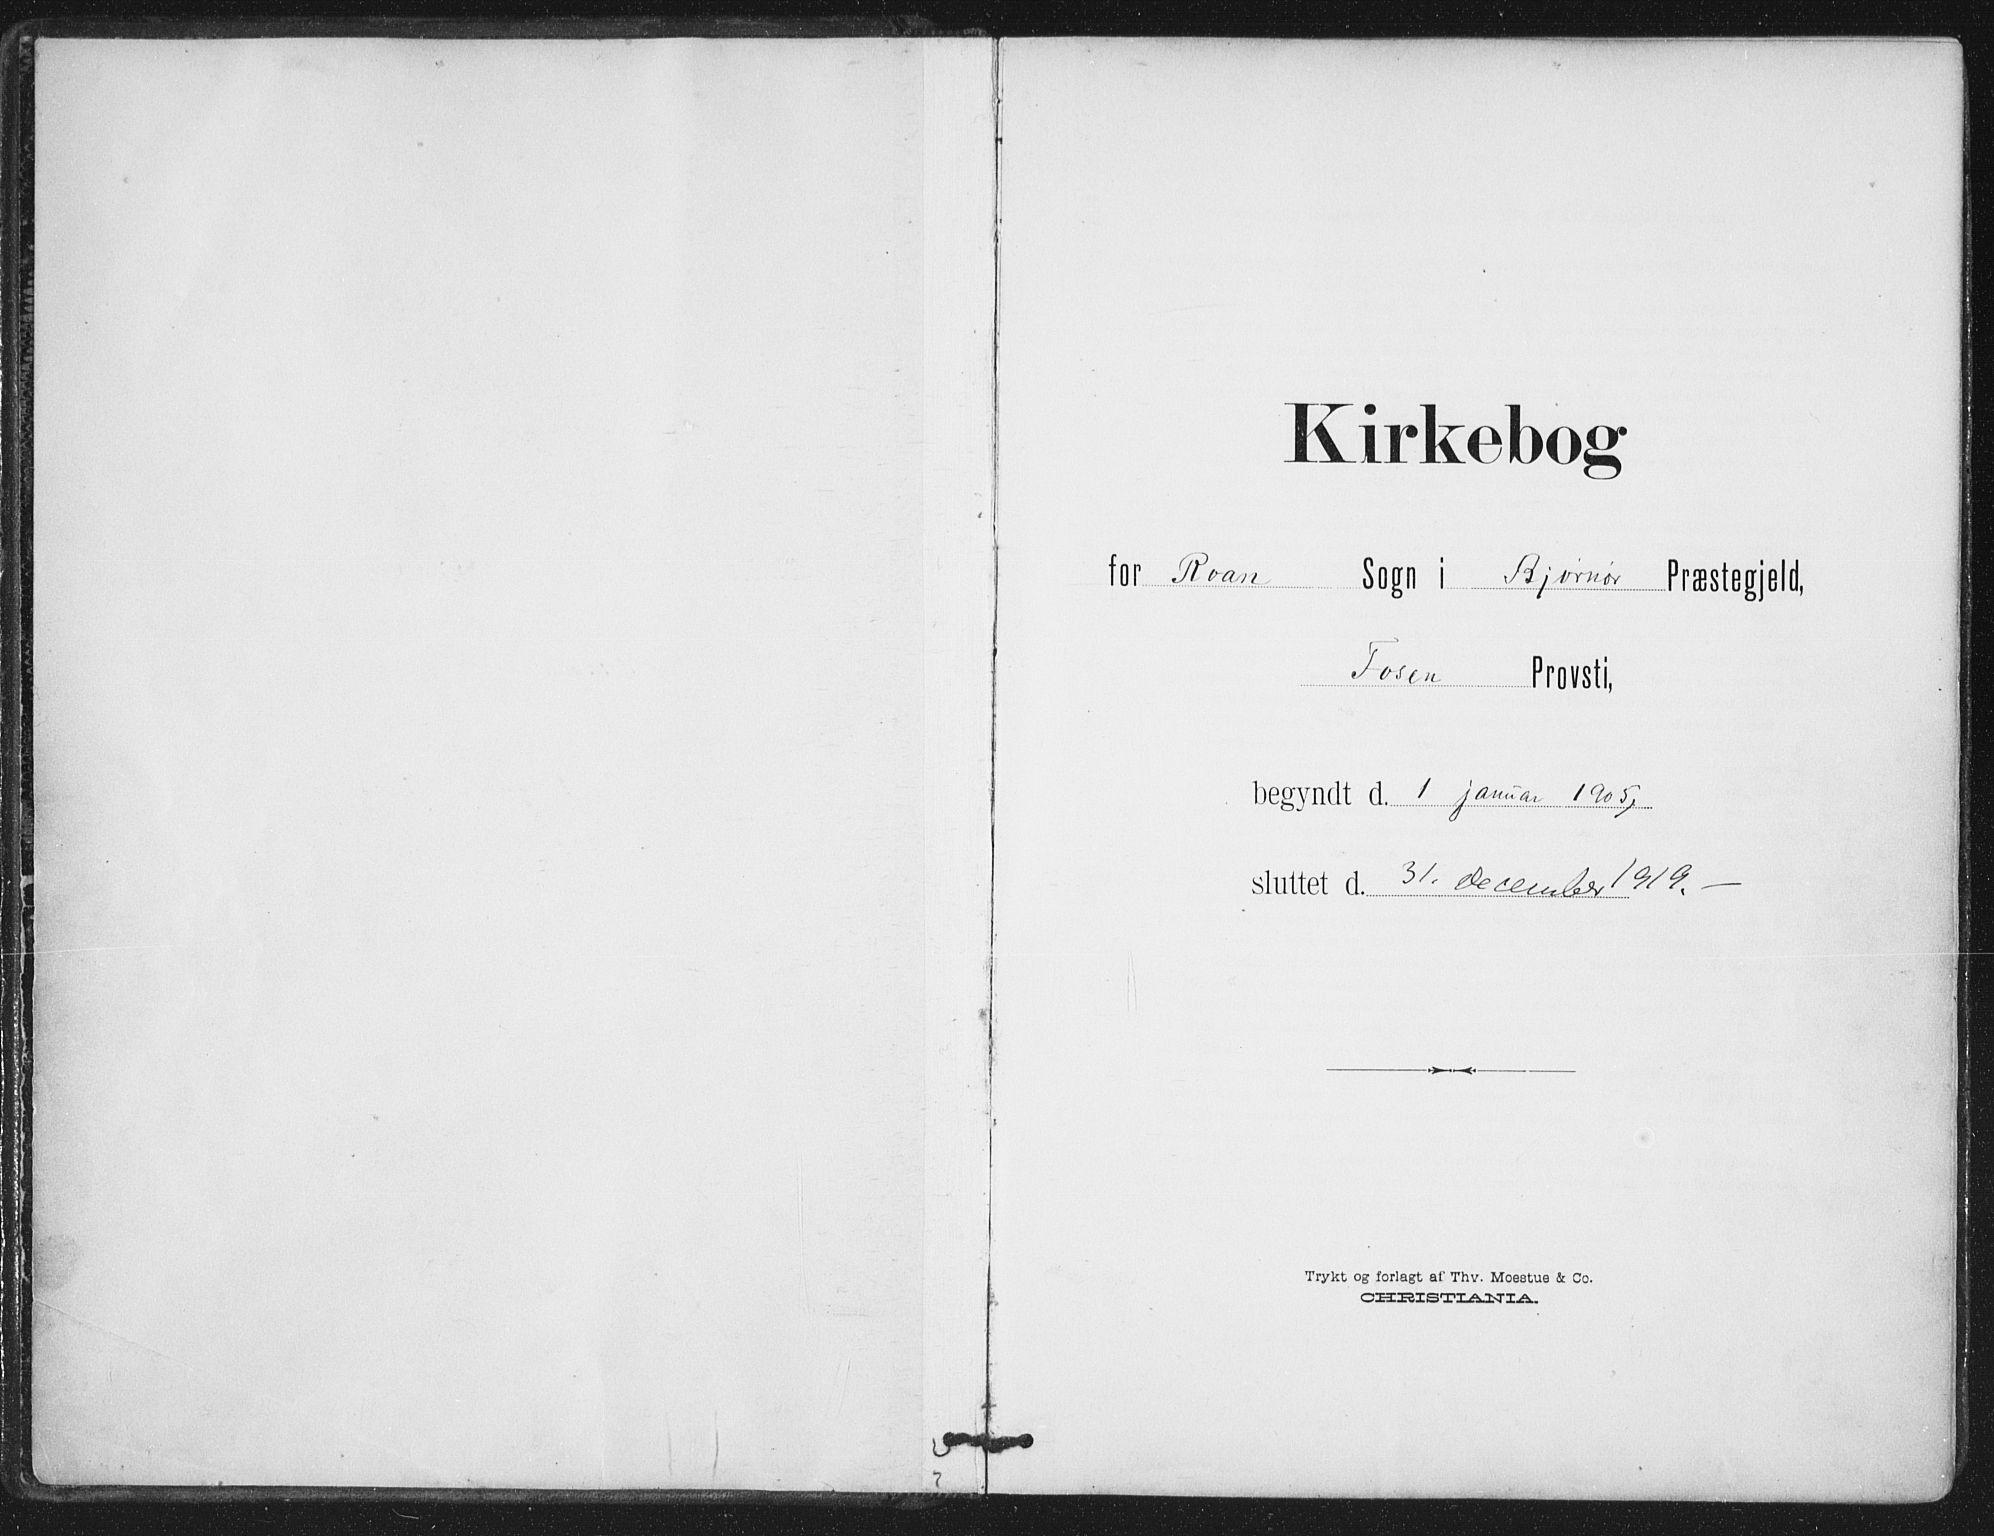 SAT, Ministerialprotokoller, klokkerbøker og fødselsregistre - Sør-Trøndelag, 657/L0709: Ministerialbok nr. 657A10, 1905-1919